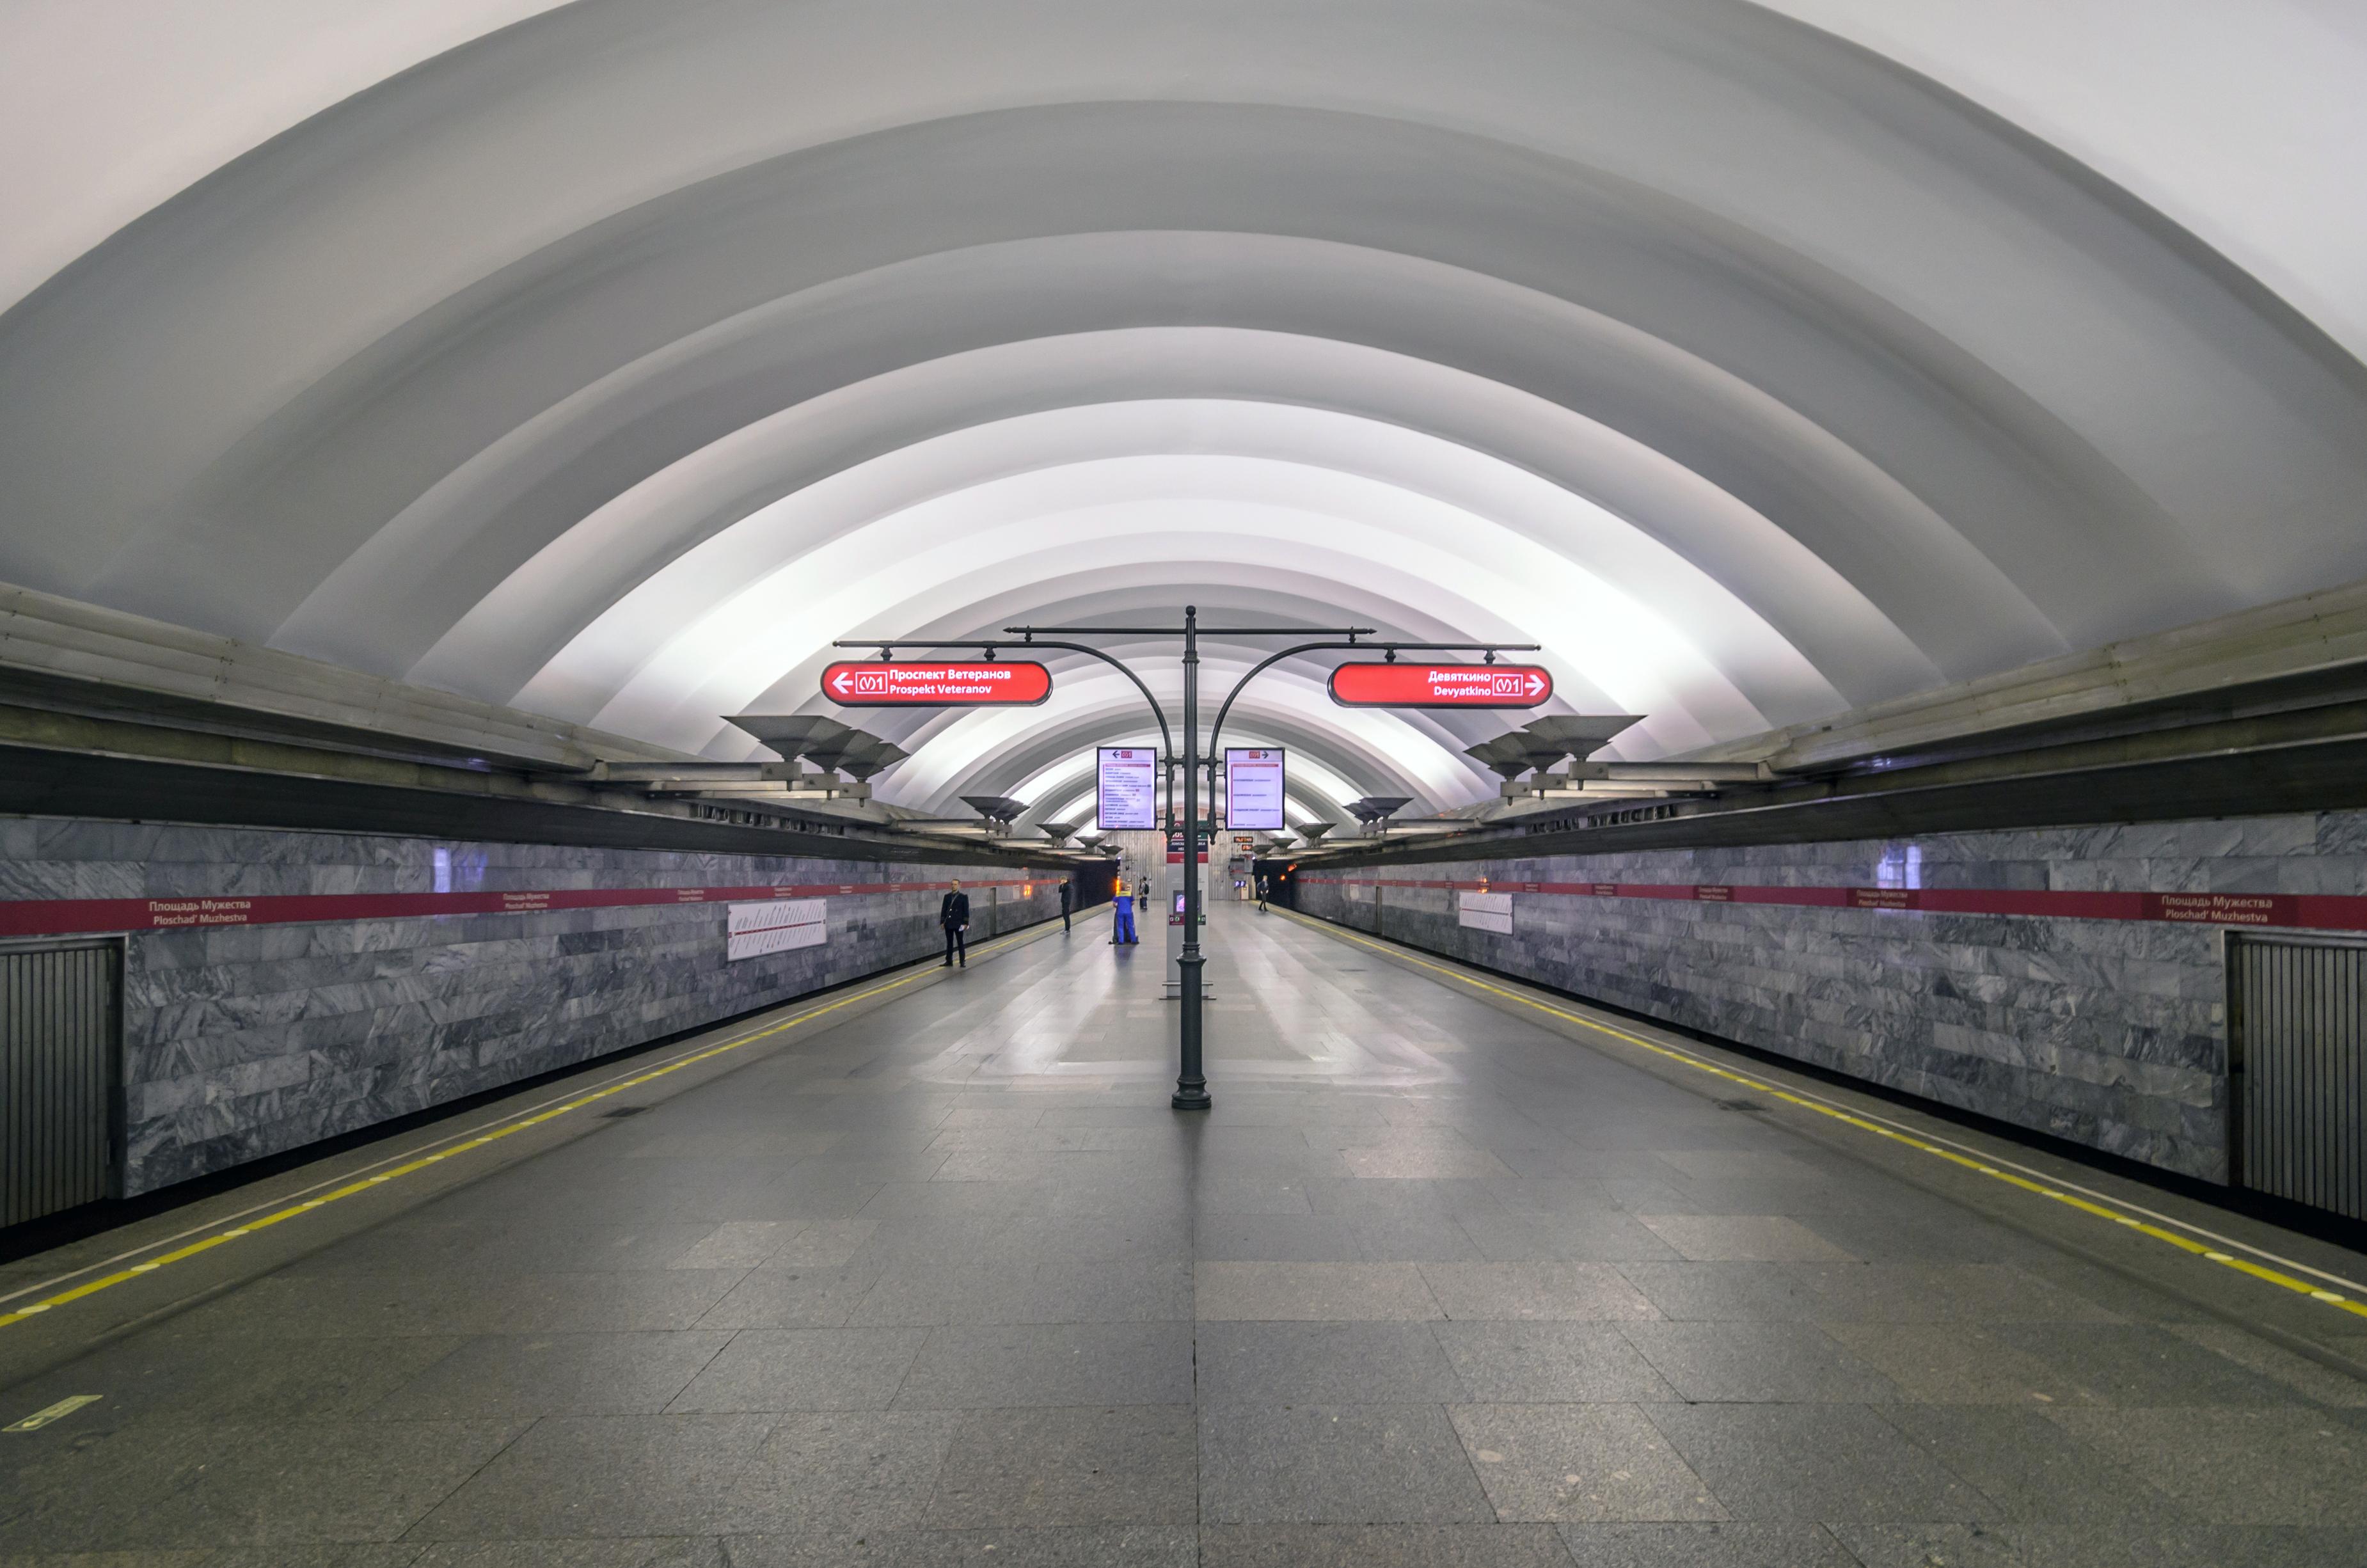 Ploshchad Muzhestva station in 2014. Photograph by Alex 'Florstein' Fedorov, CC BY-SA 4.0.